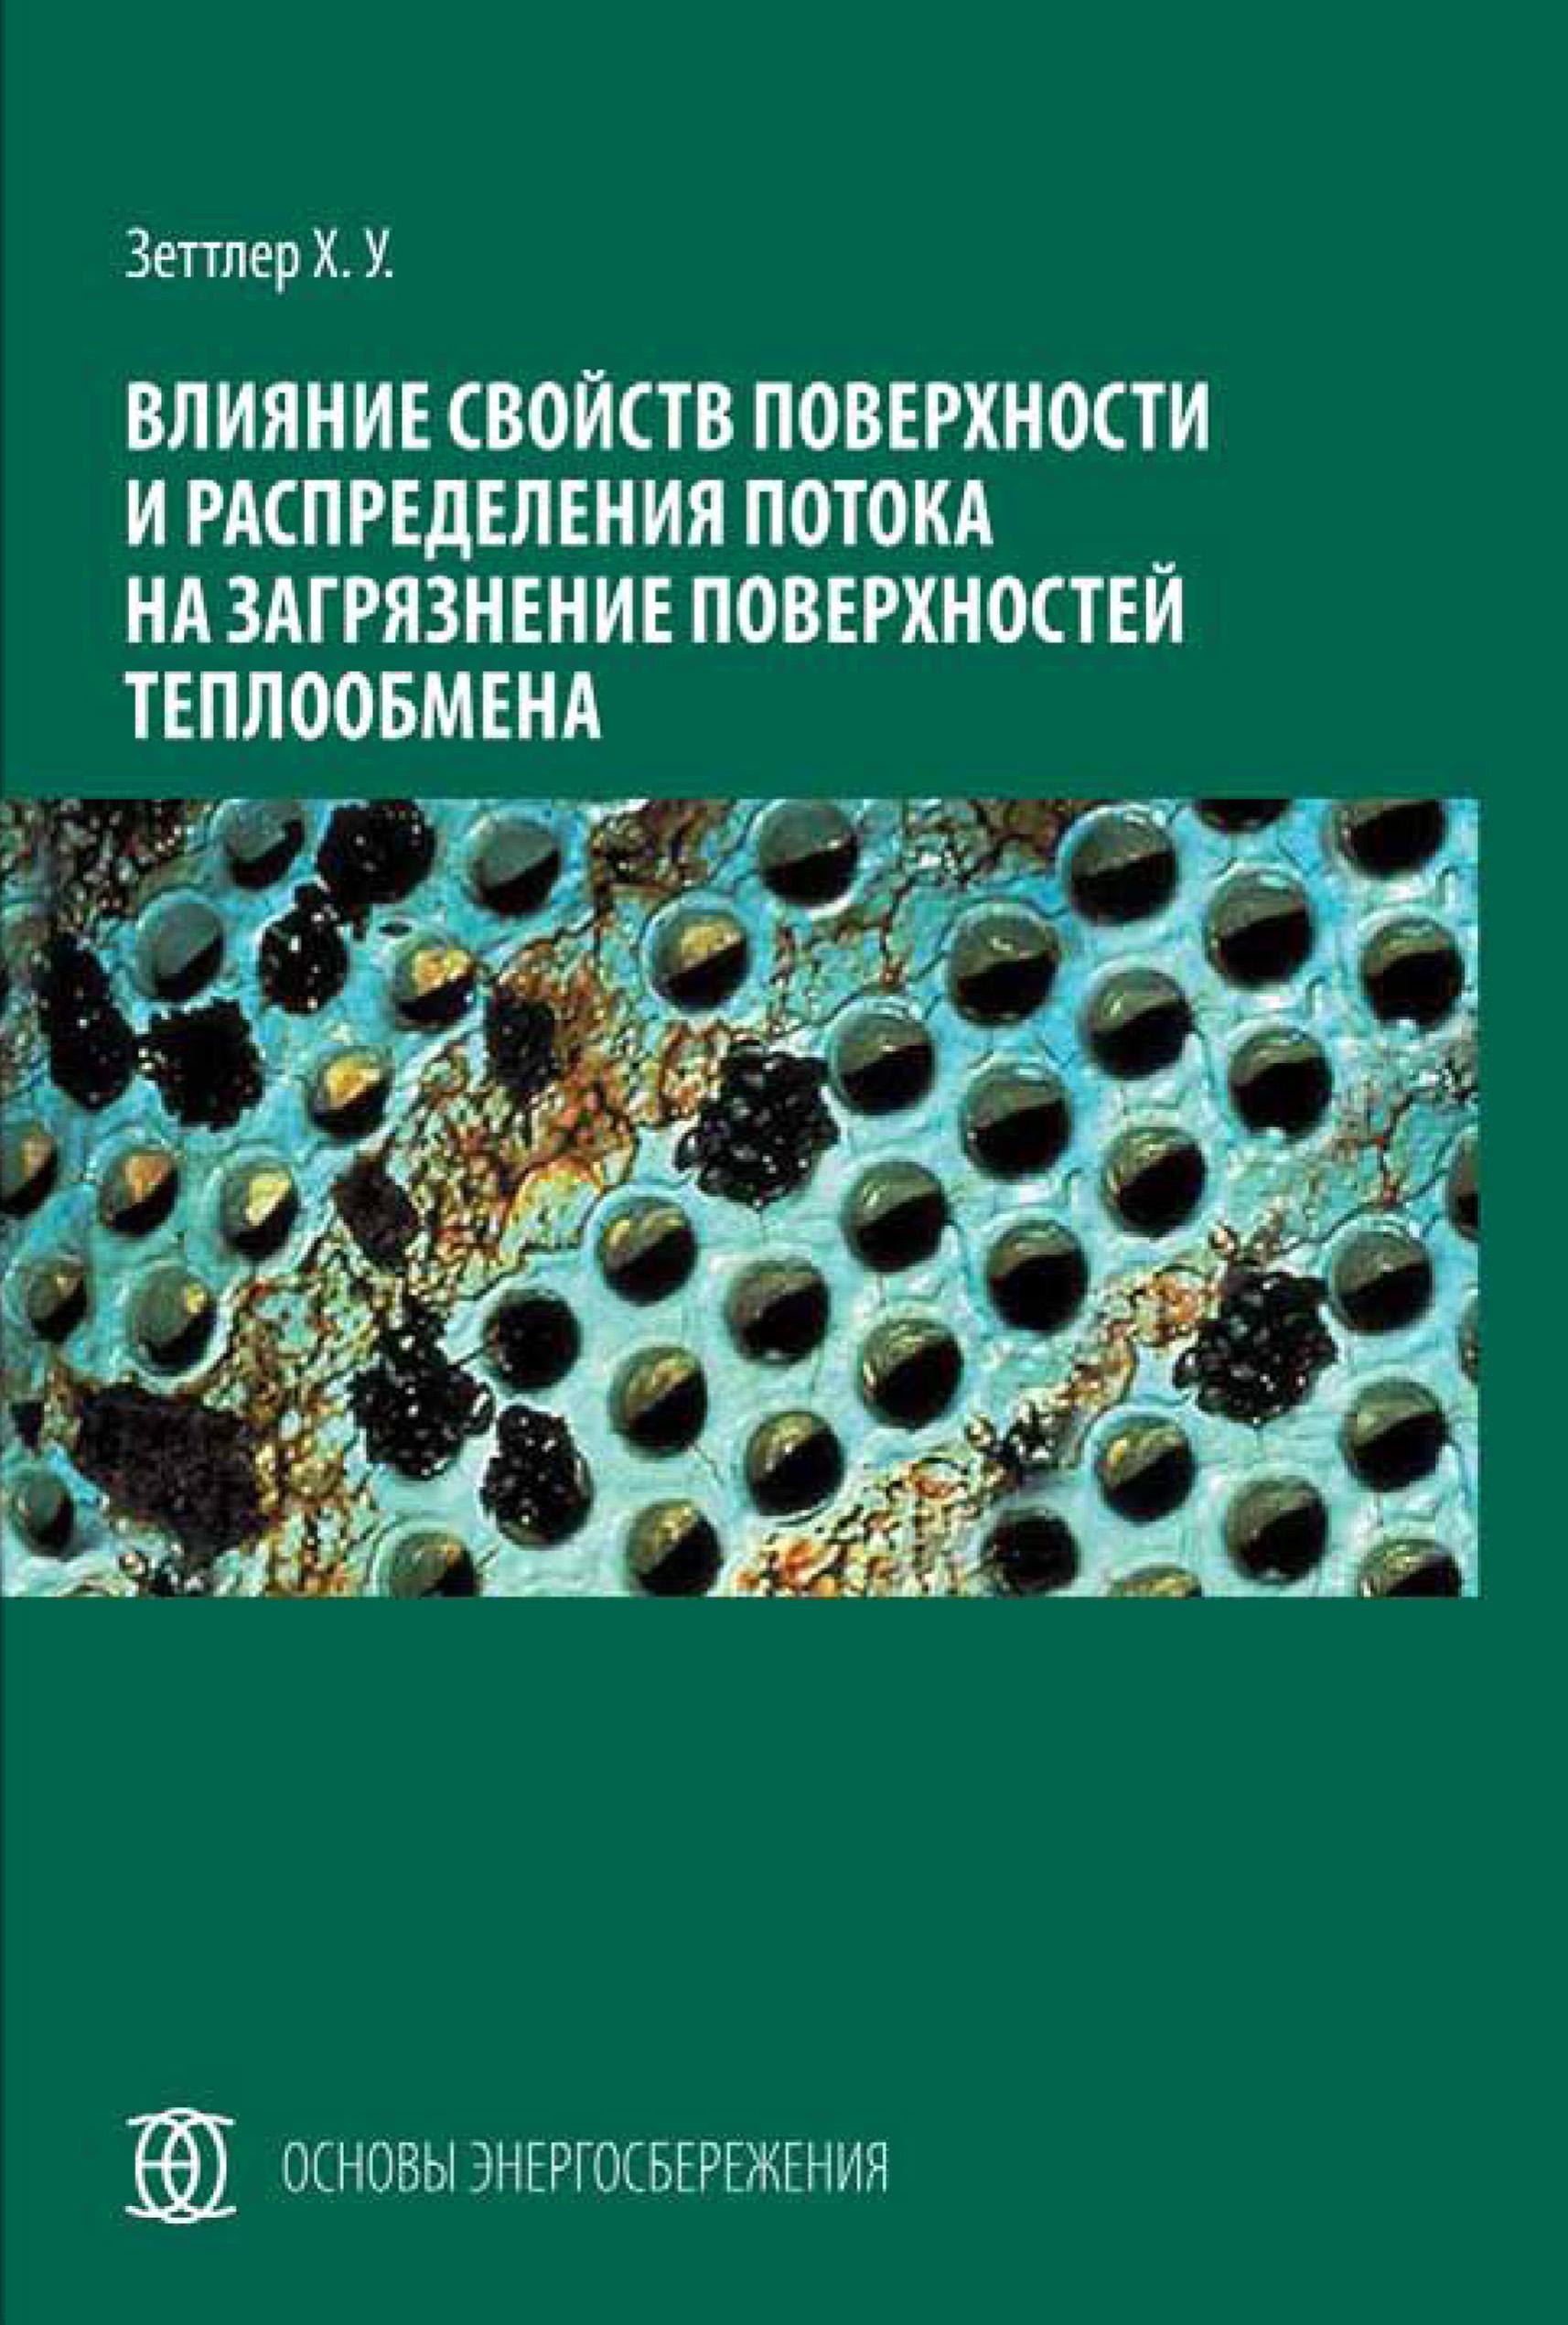 Ханс Ульрих Зеттлер Влияние свойств поверхности и распределения потока на загрязнение поверхностей теплообмена